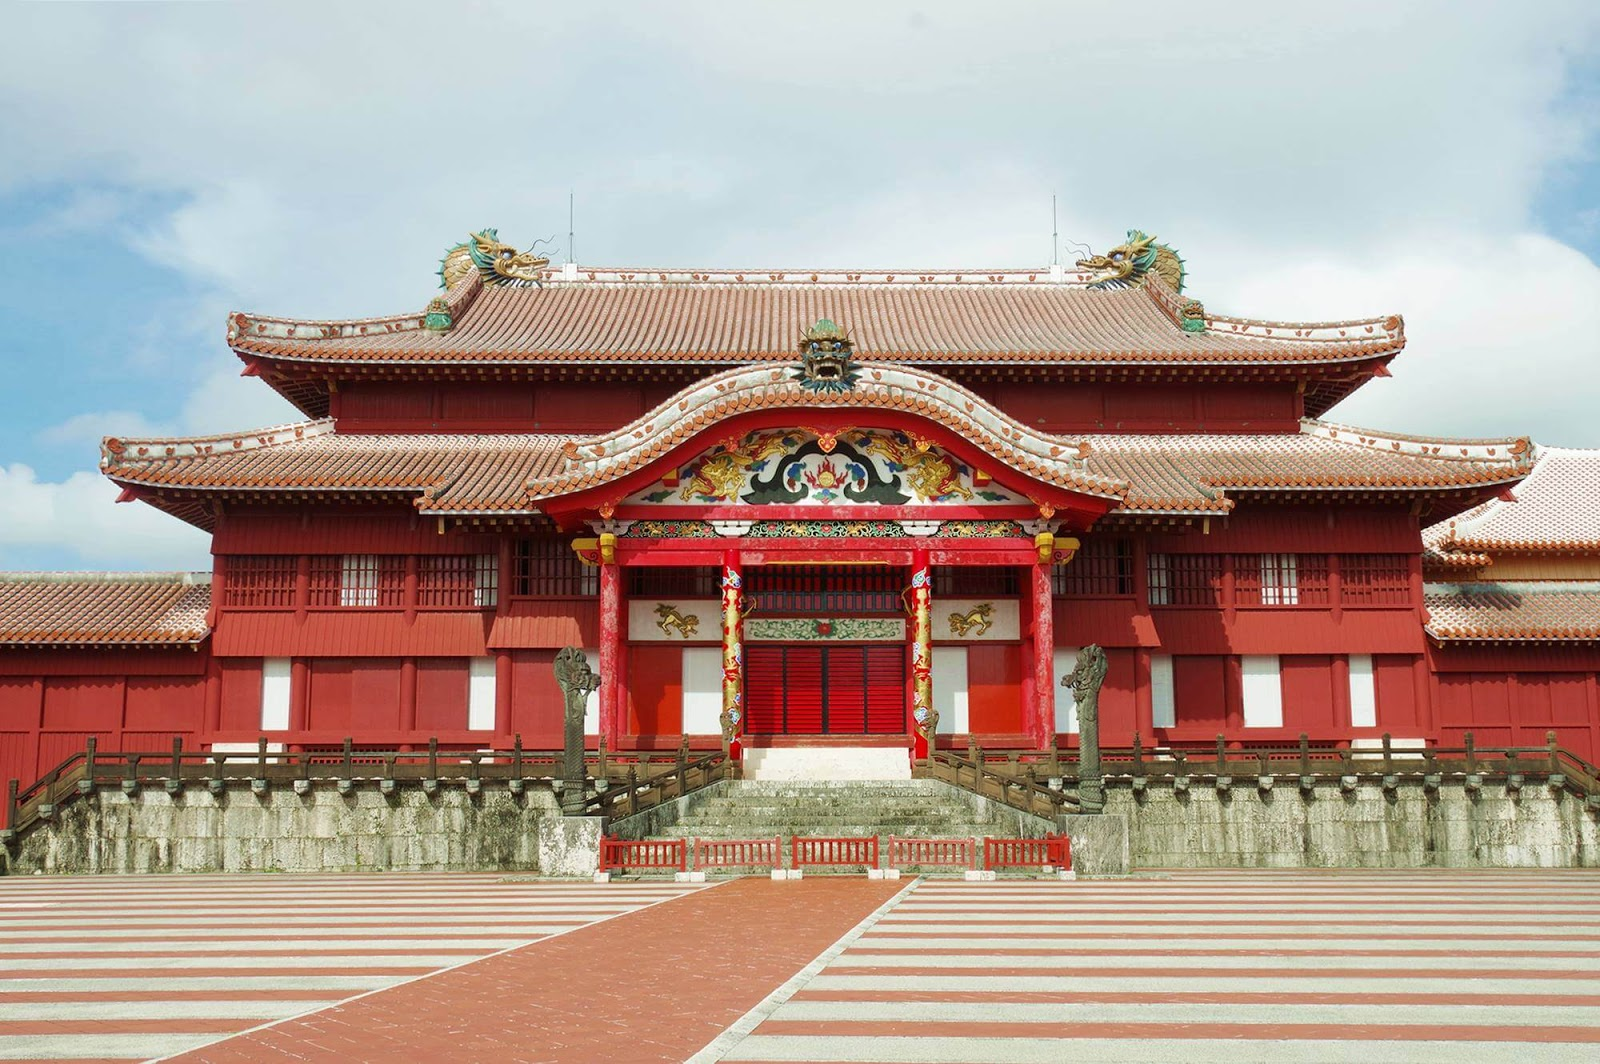 沖繩-推薦-景點-首里城-首里城公園-自由行-旅遊-Okinawa-Attraction-Shurijo-tourist-destination